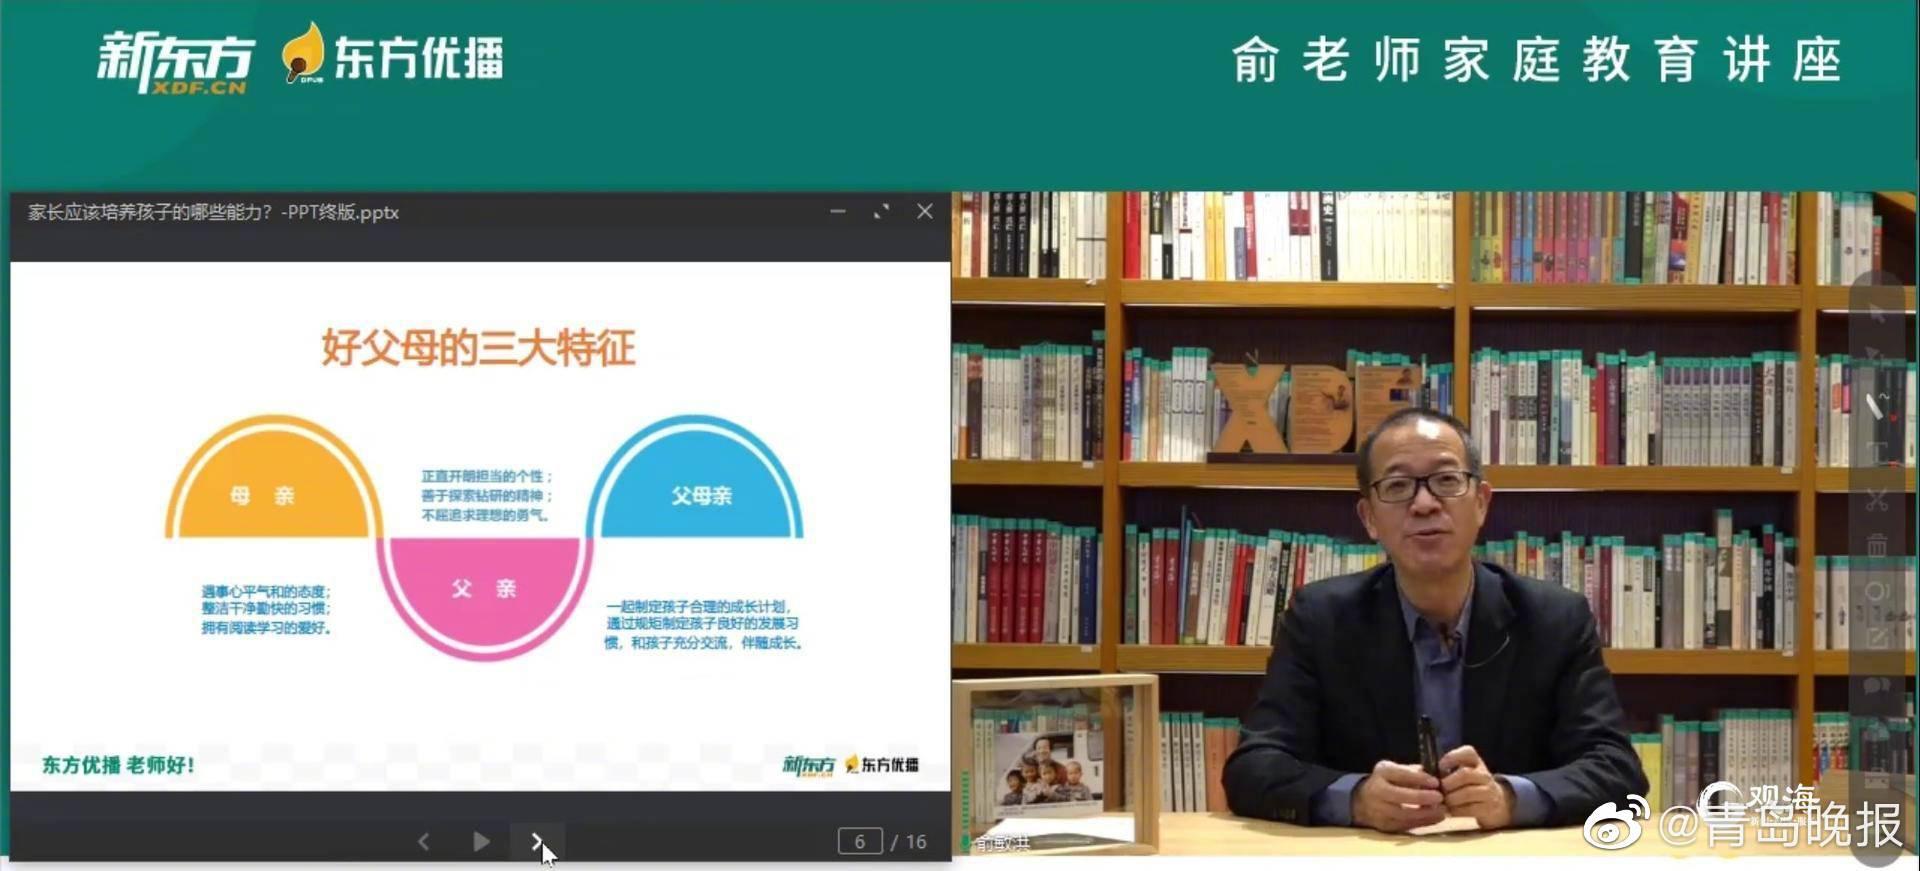 """俞敏洪:成绩的作用至多只占成功的1/4或1/5!青岛2021首期""""家长大课堂""""开讲"""